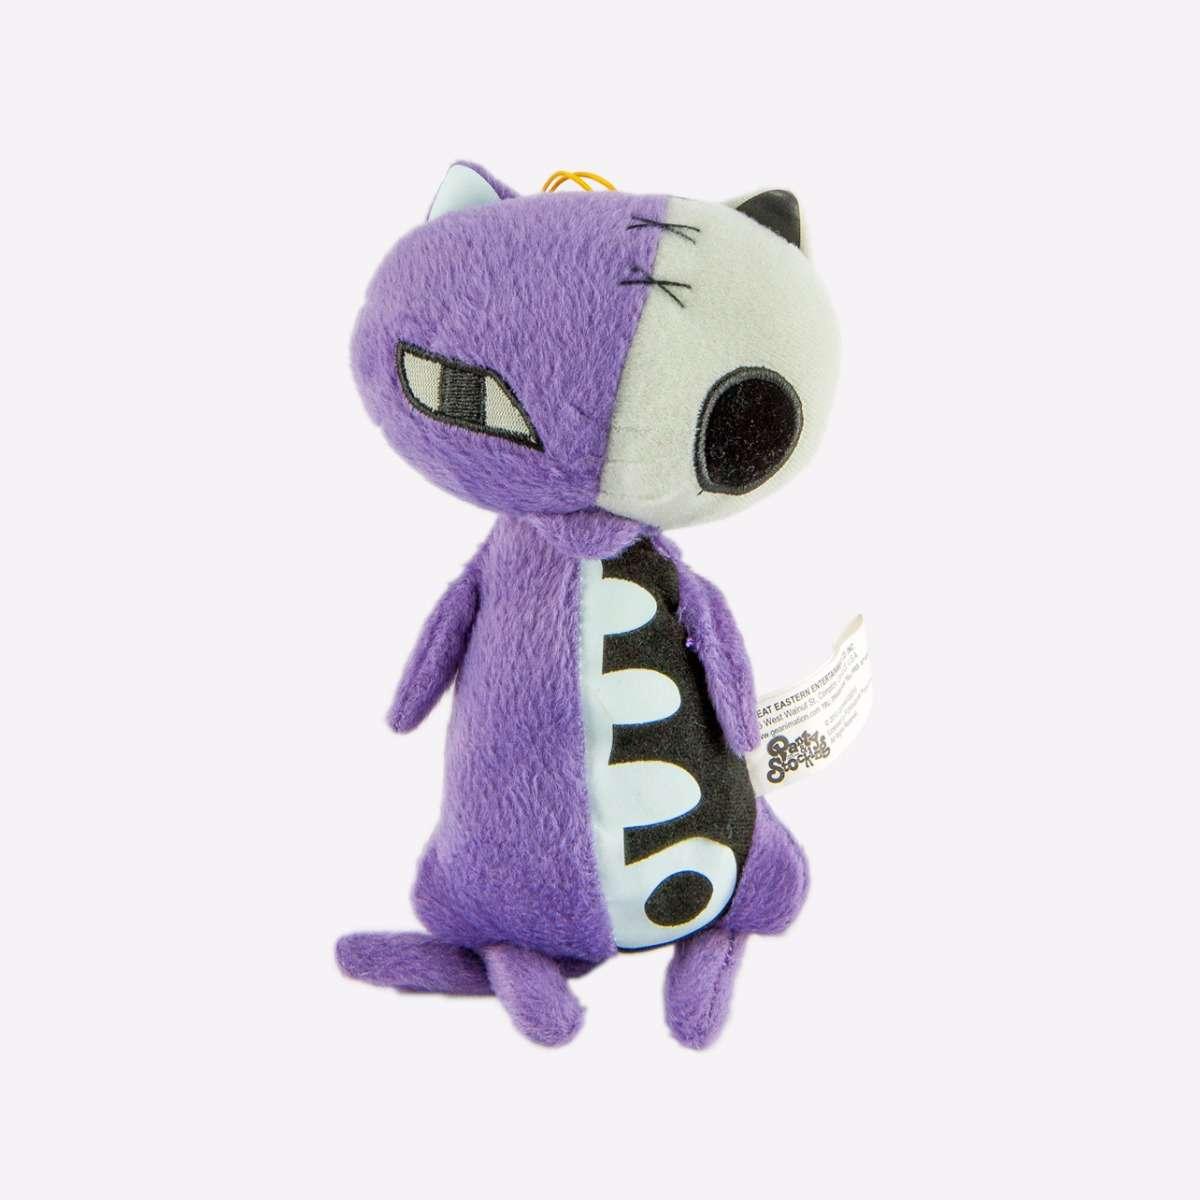 Hollow Kitty Plush toys-games